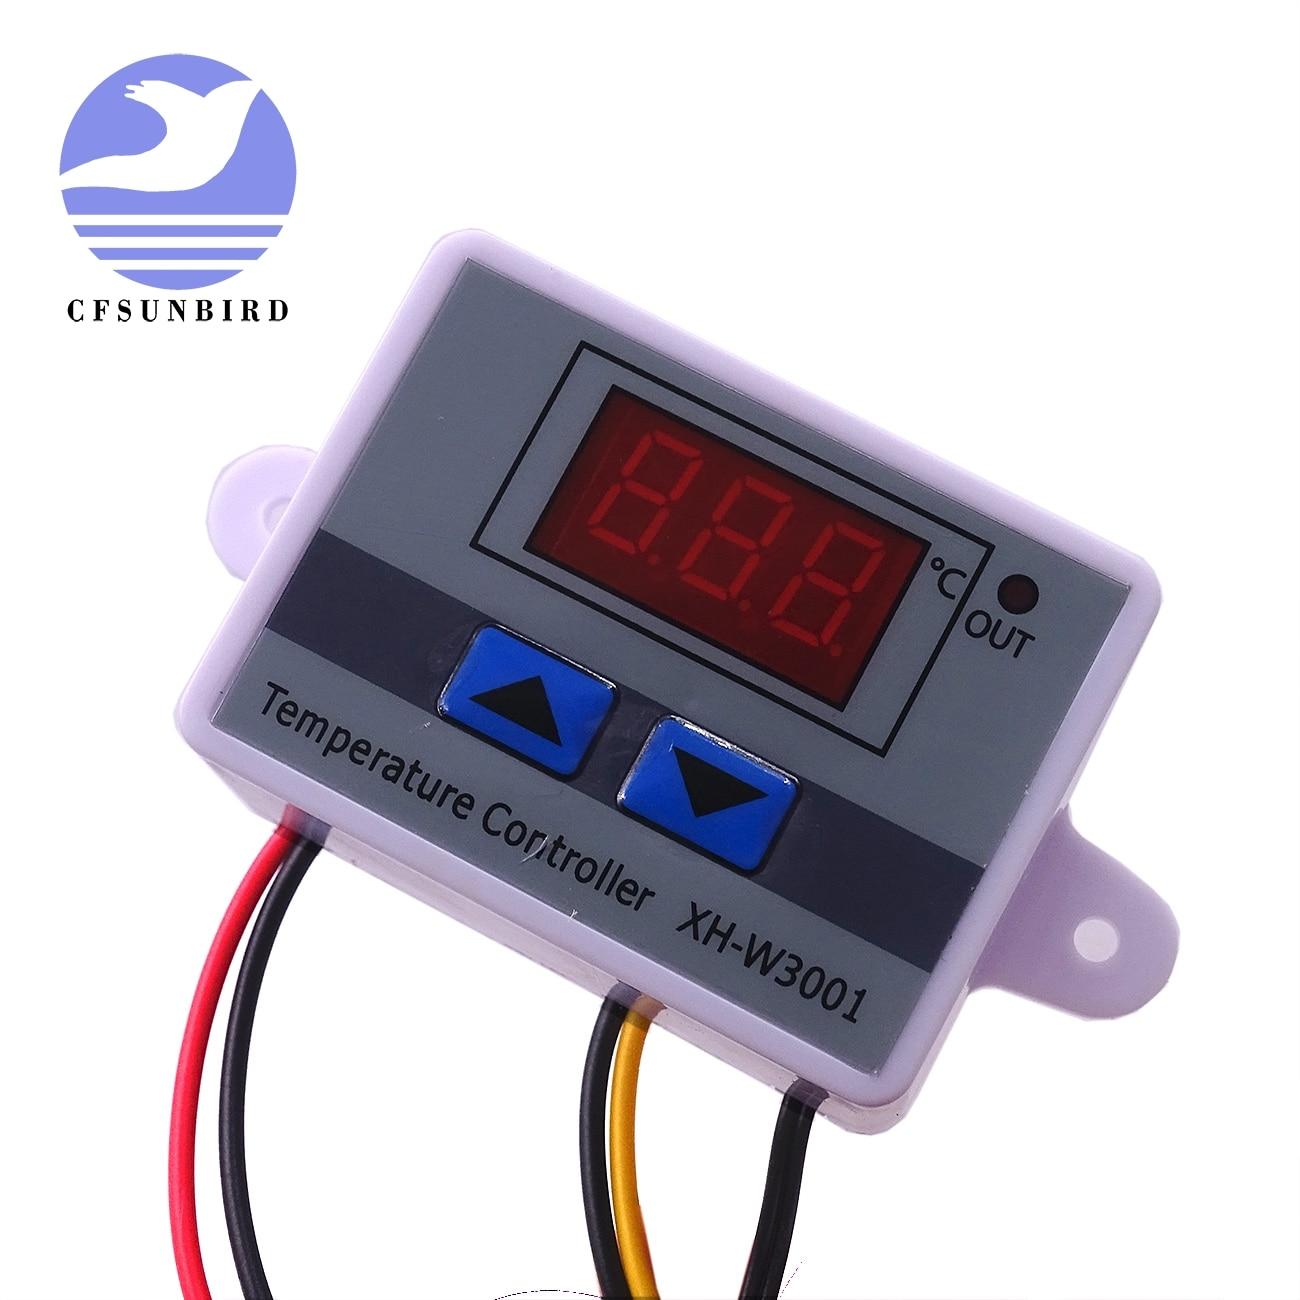 10 StÜcke 12 V Digitale Steuerung Temperatur Mikrocomputer Thermostat Thermometer Neue Temperaturregler Beste Qualität W3001